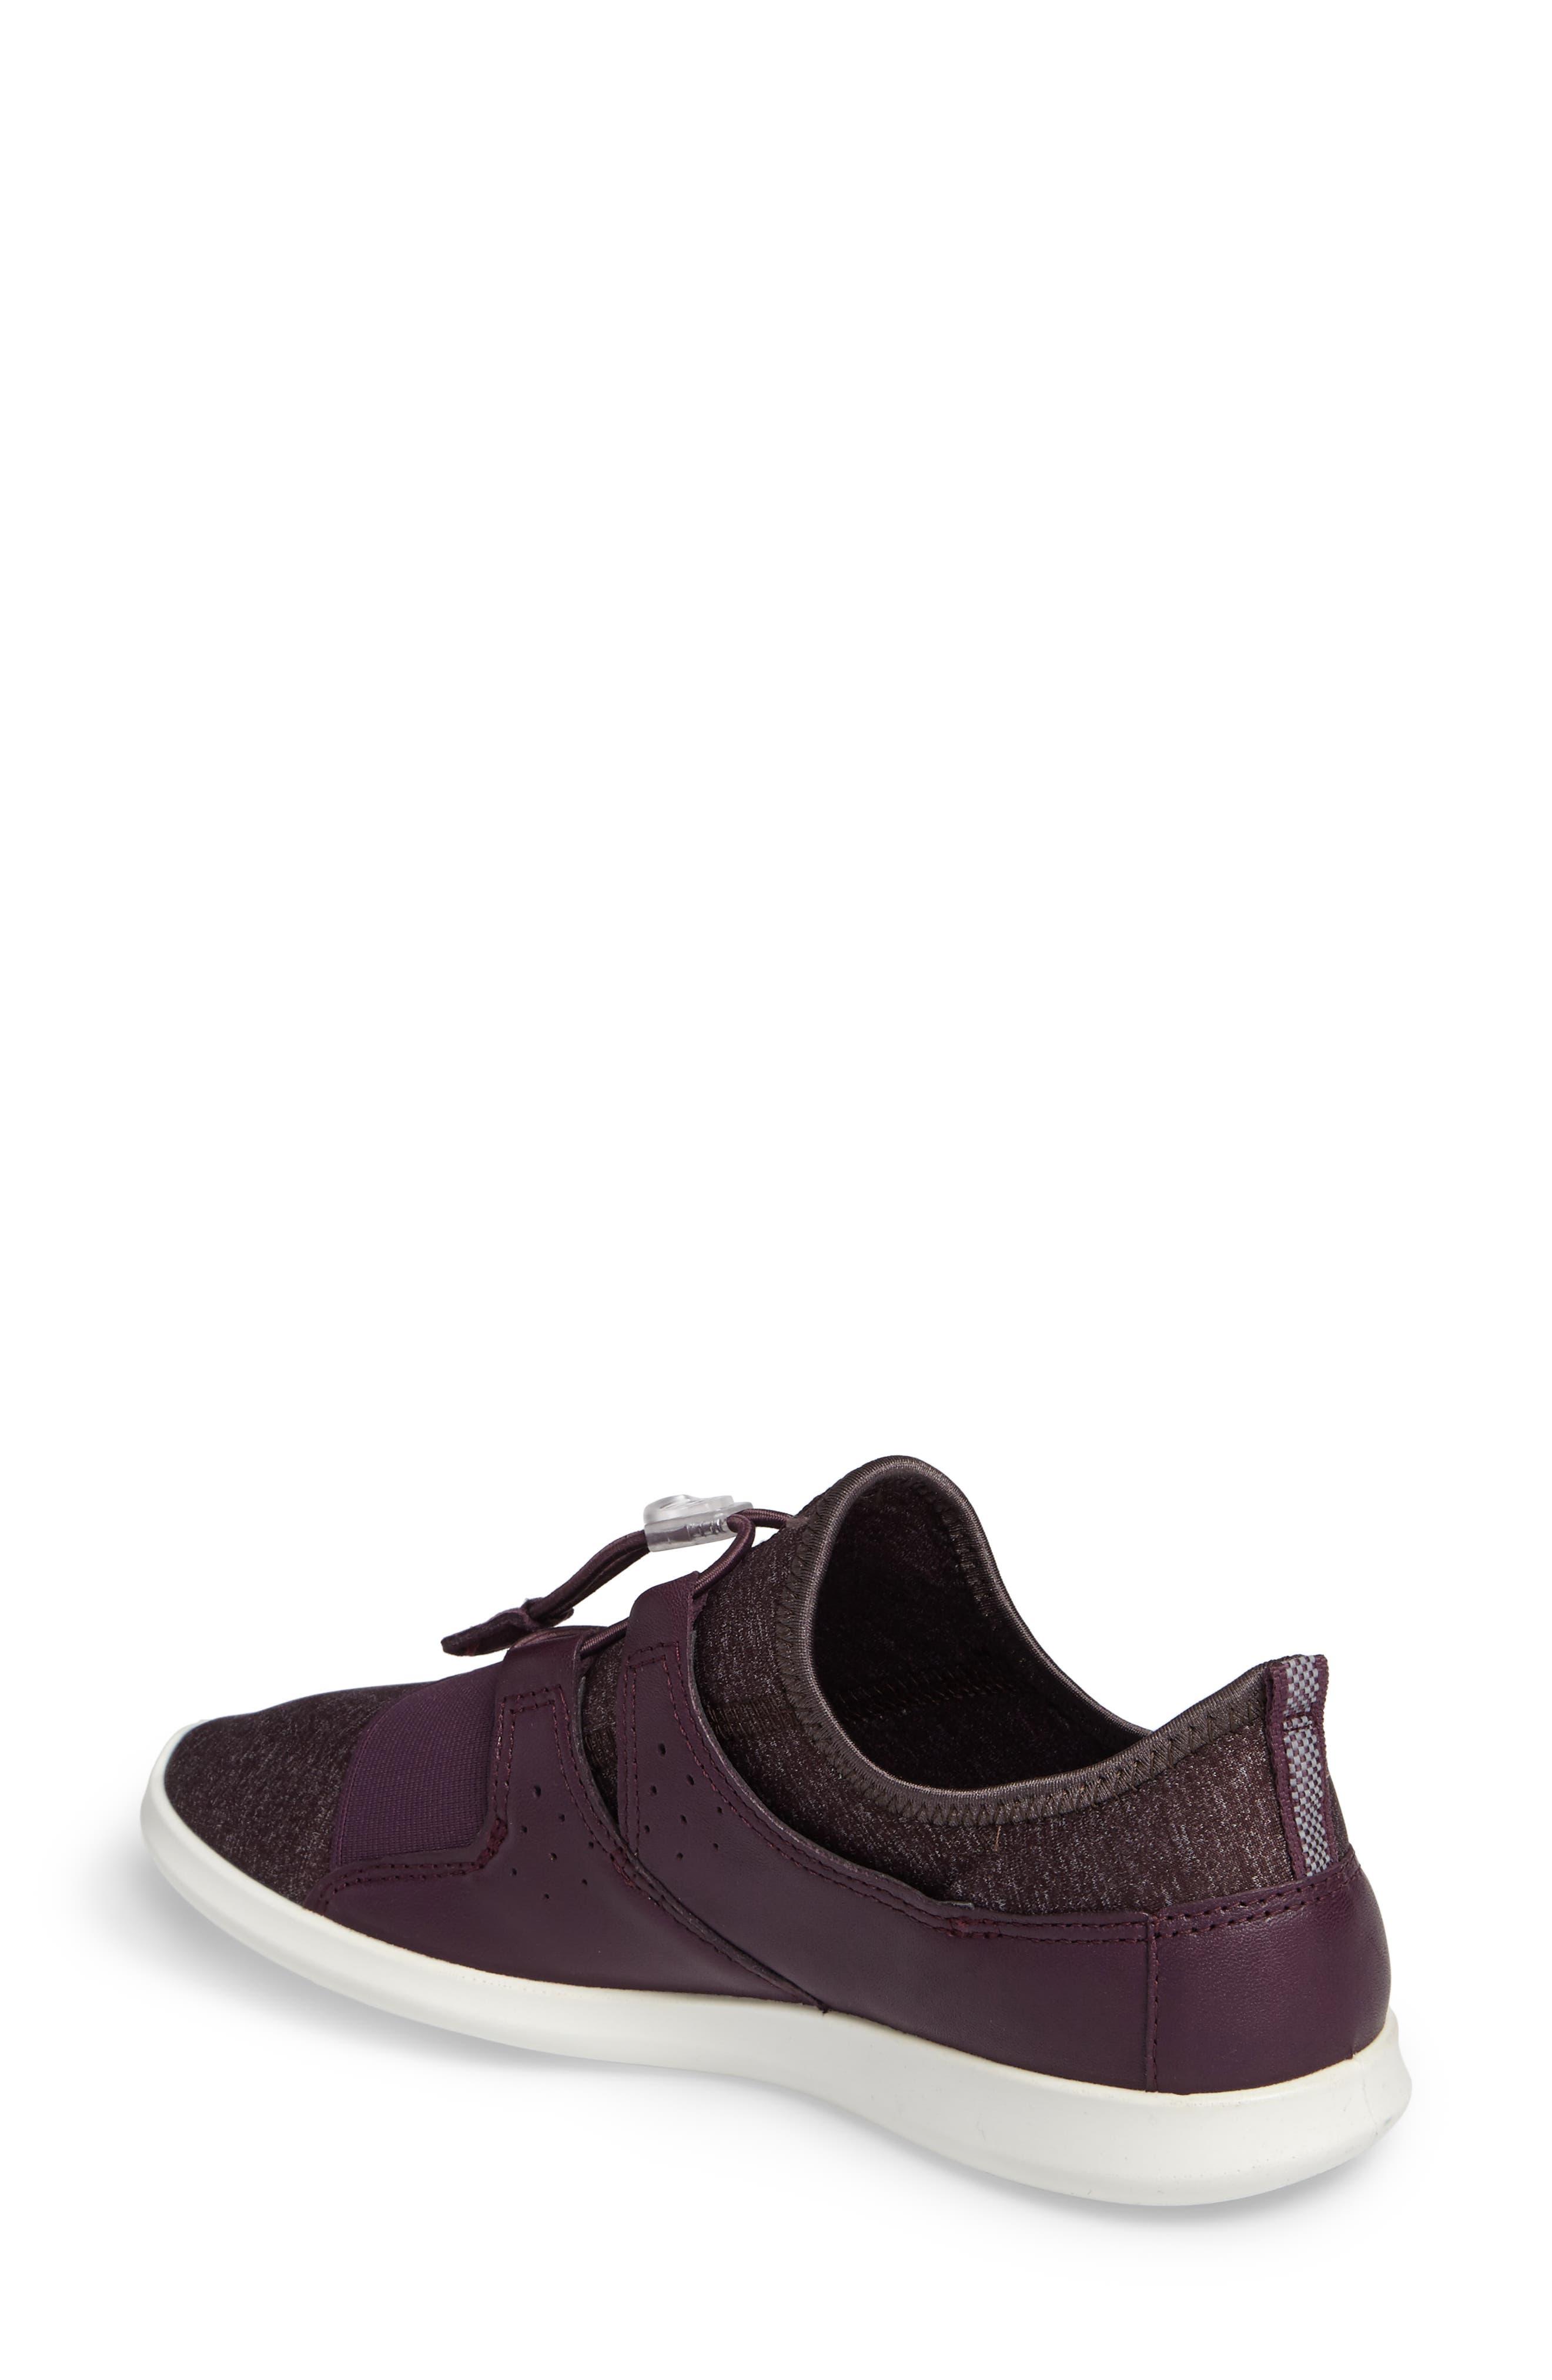 Sense Toggle Sneaker,                             Alternate thumbnail 2, color,                             Mauve Leather